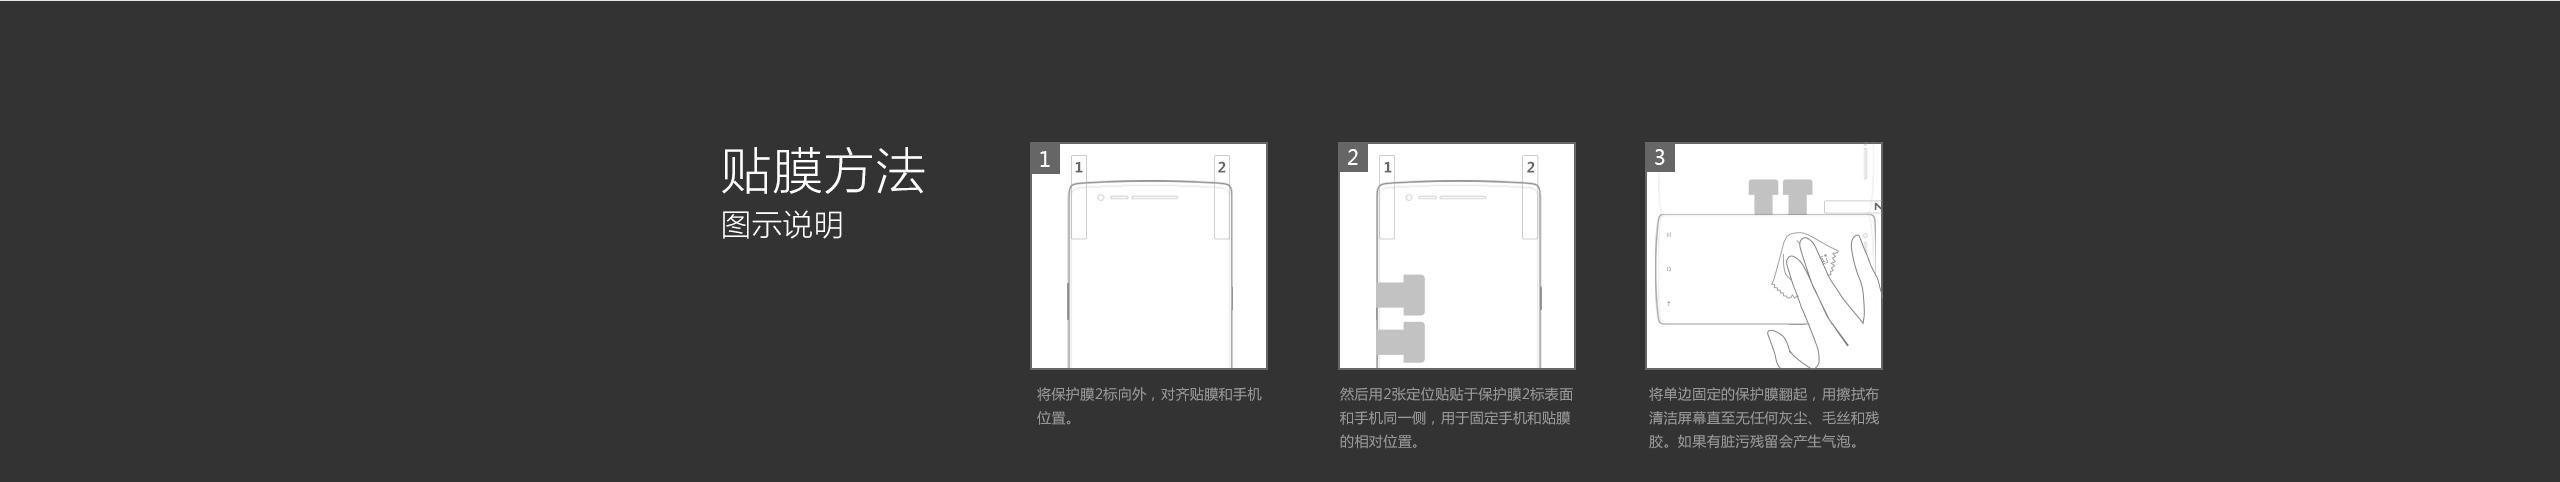 一加手机2钢化玻璃保护膜15